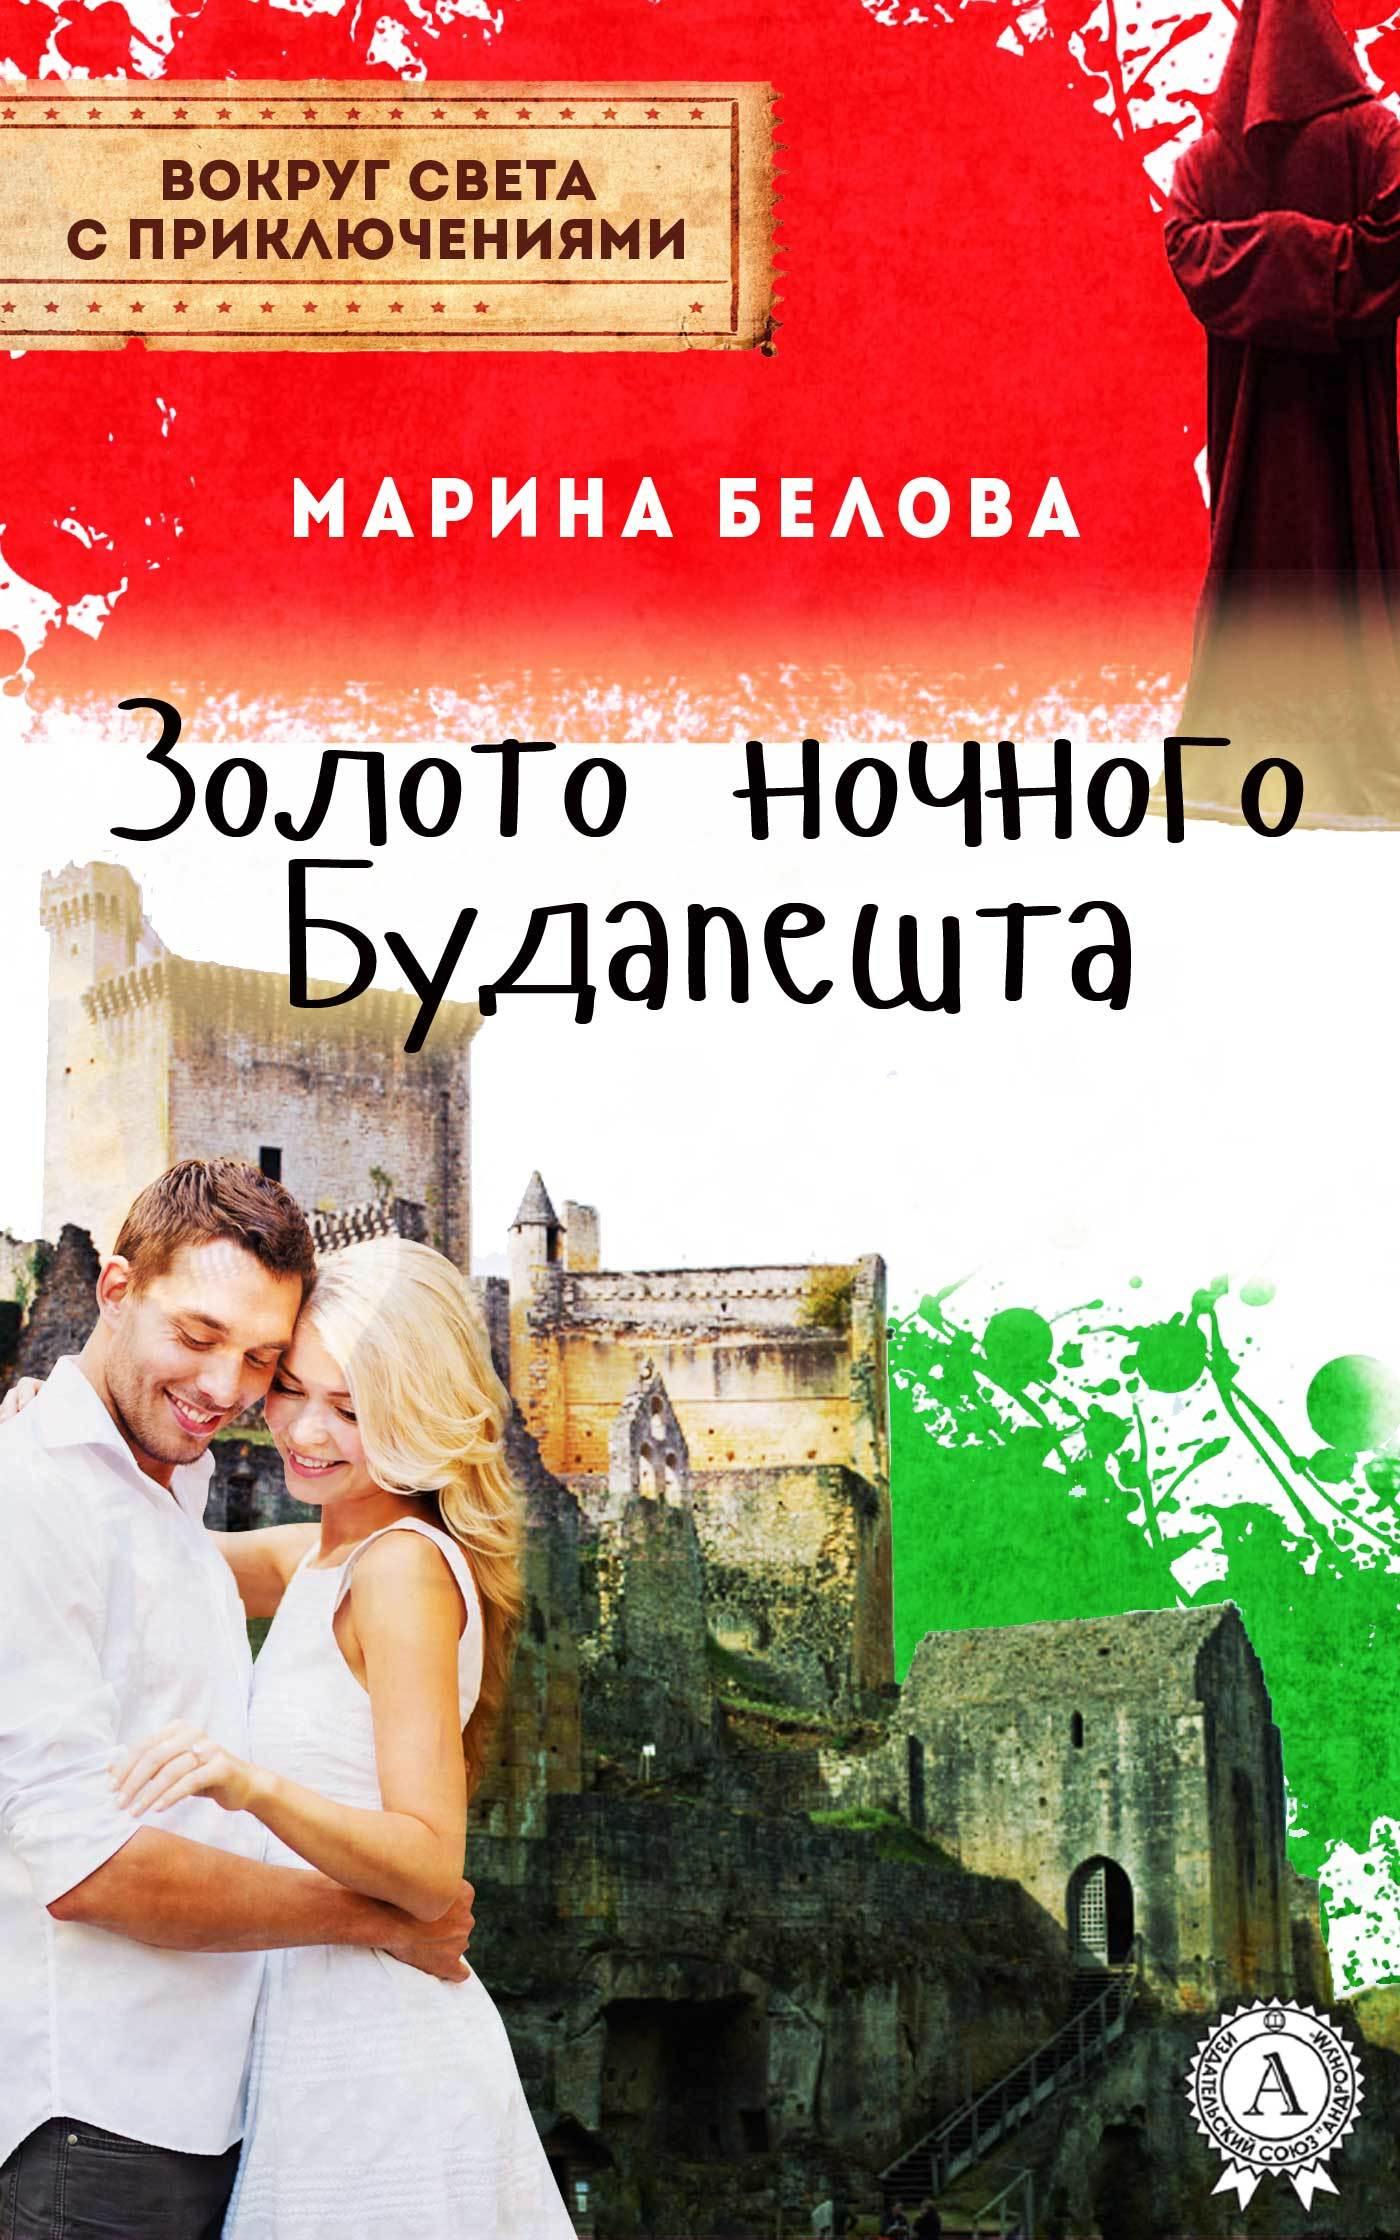 Марина Белова Золото ночного Будапешта марина белова золото ночного будапешта